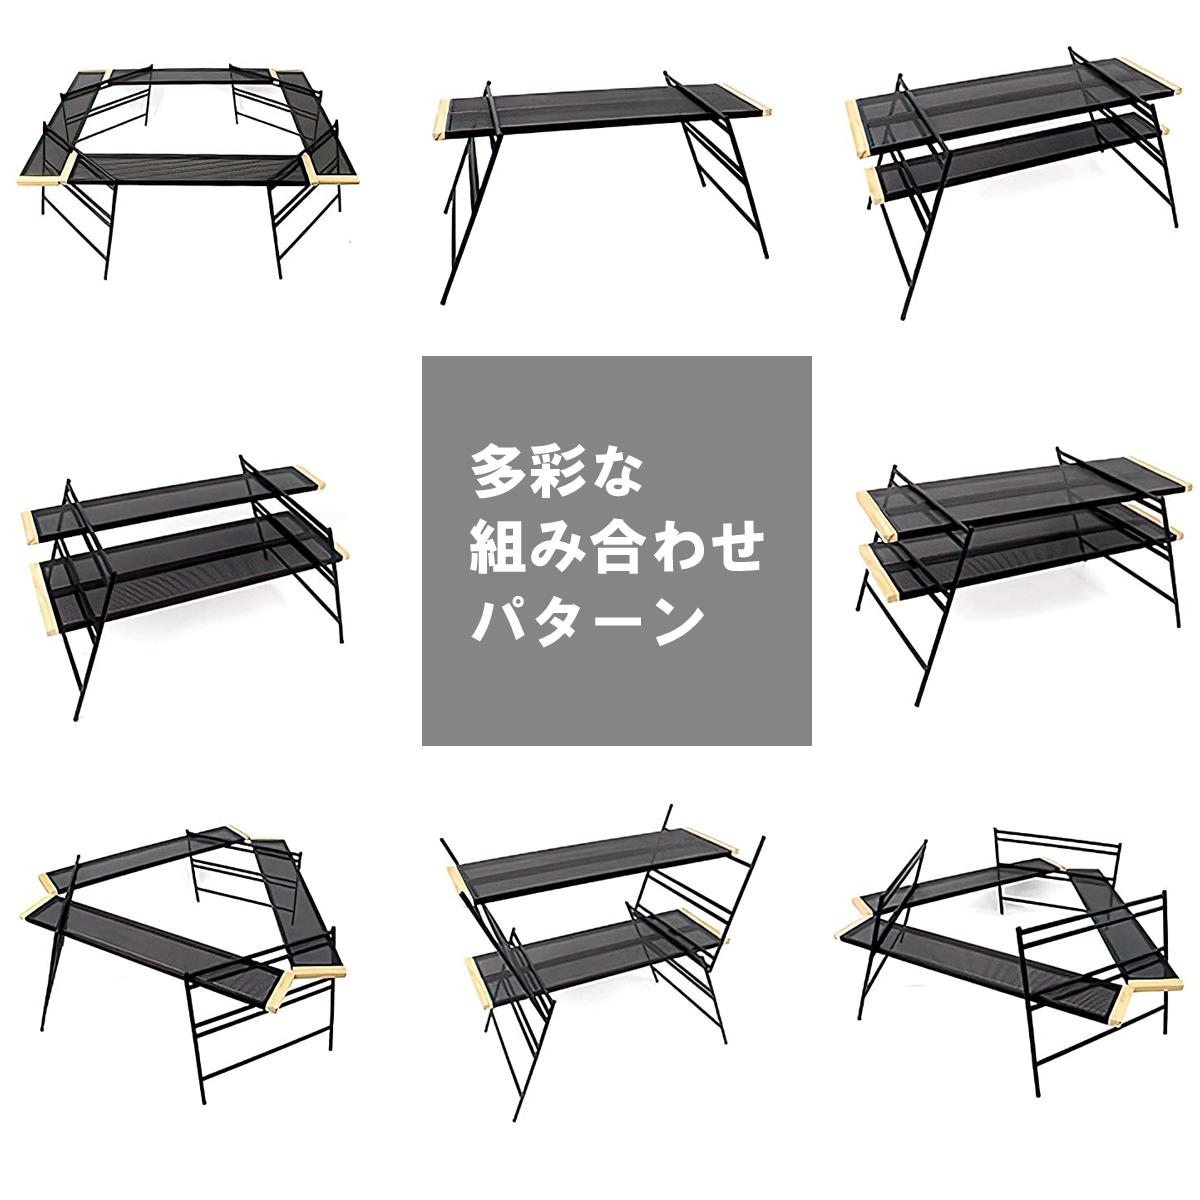 焚き火台テーブル 組み合わせパターン